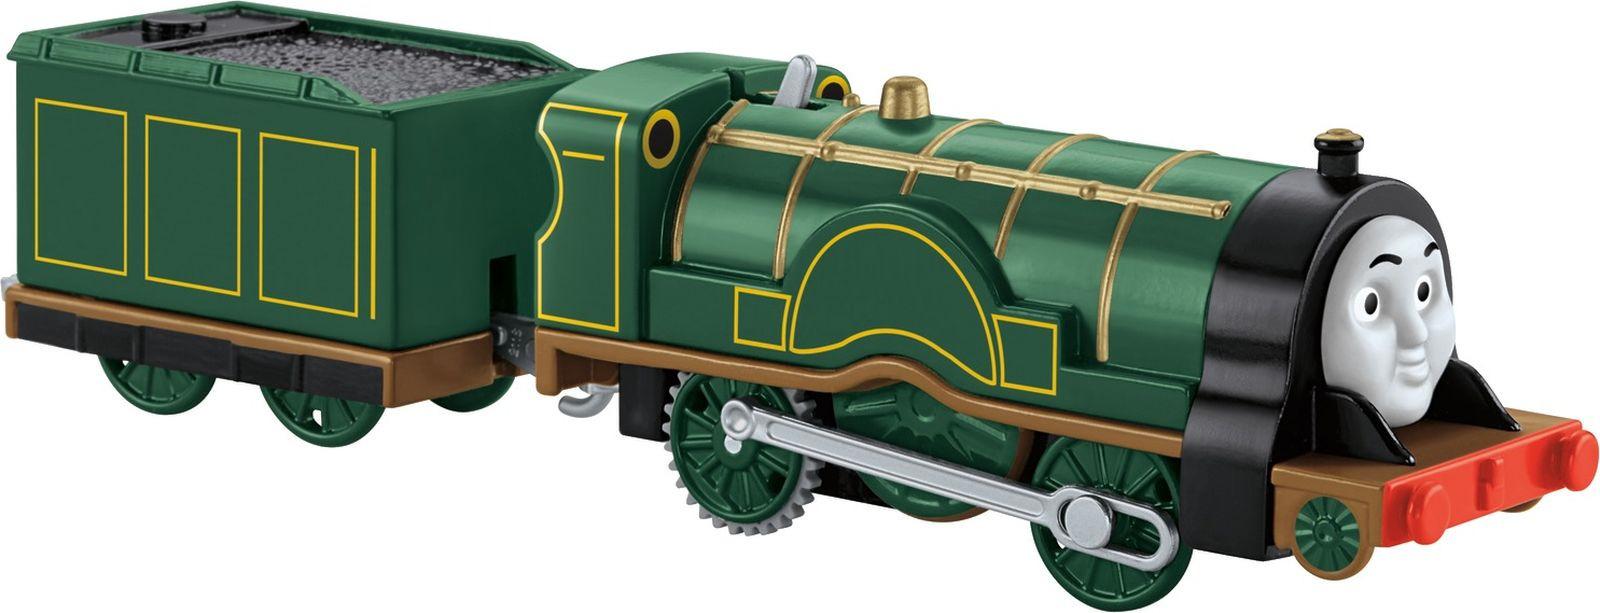 Фото - Thomas&Friends Базовый паровозик Эмили, цвет: темно-зеленый боди детский luvable friends 60325 f бирюзовый р 55 61